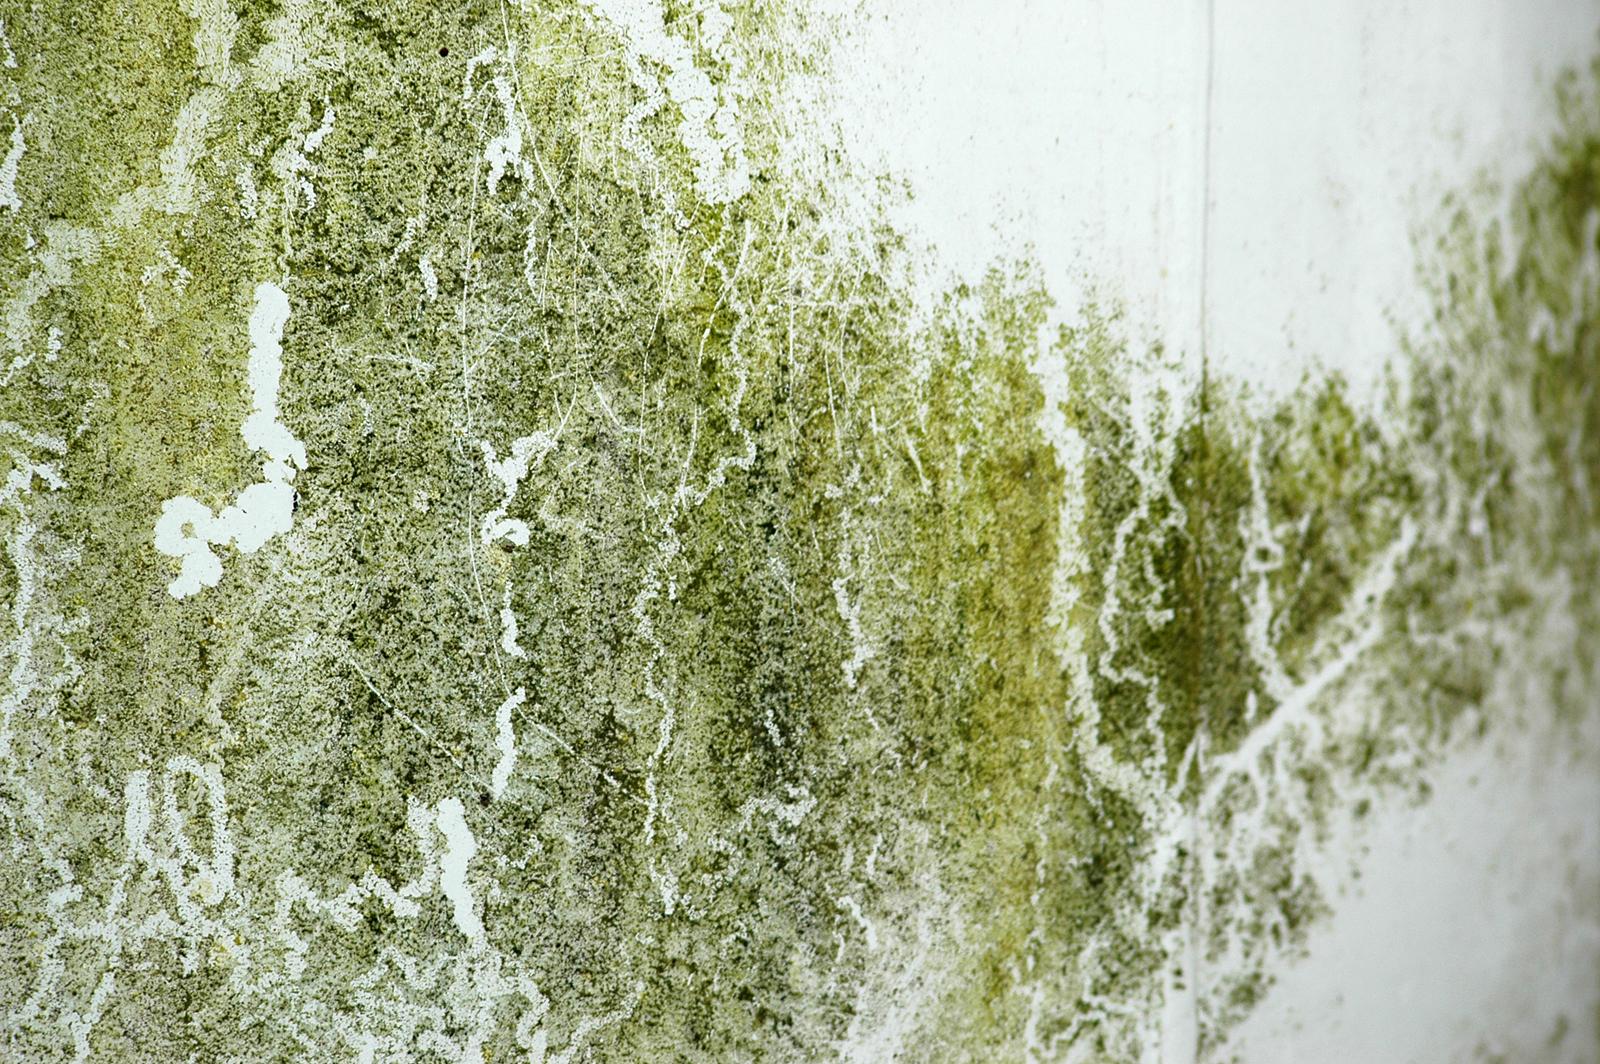 Photoshop texturas 50 texturas hd para photoshop - Manchas de moho ...